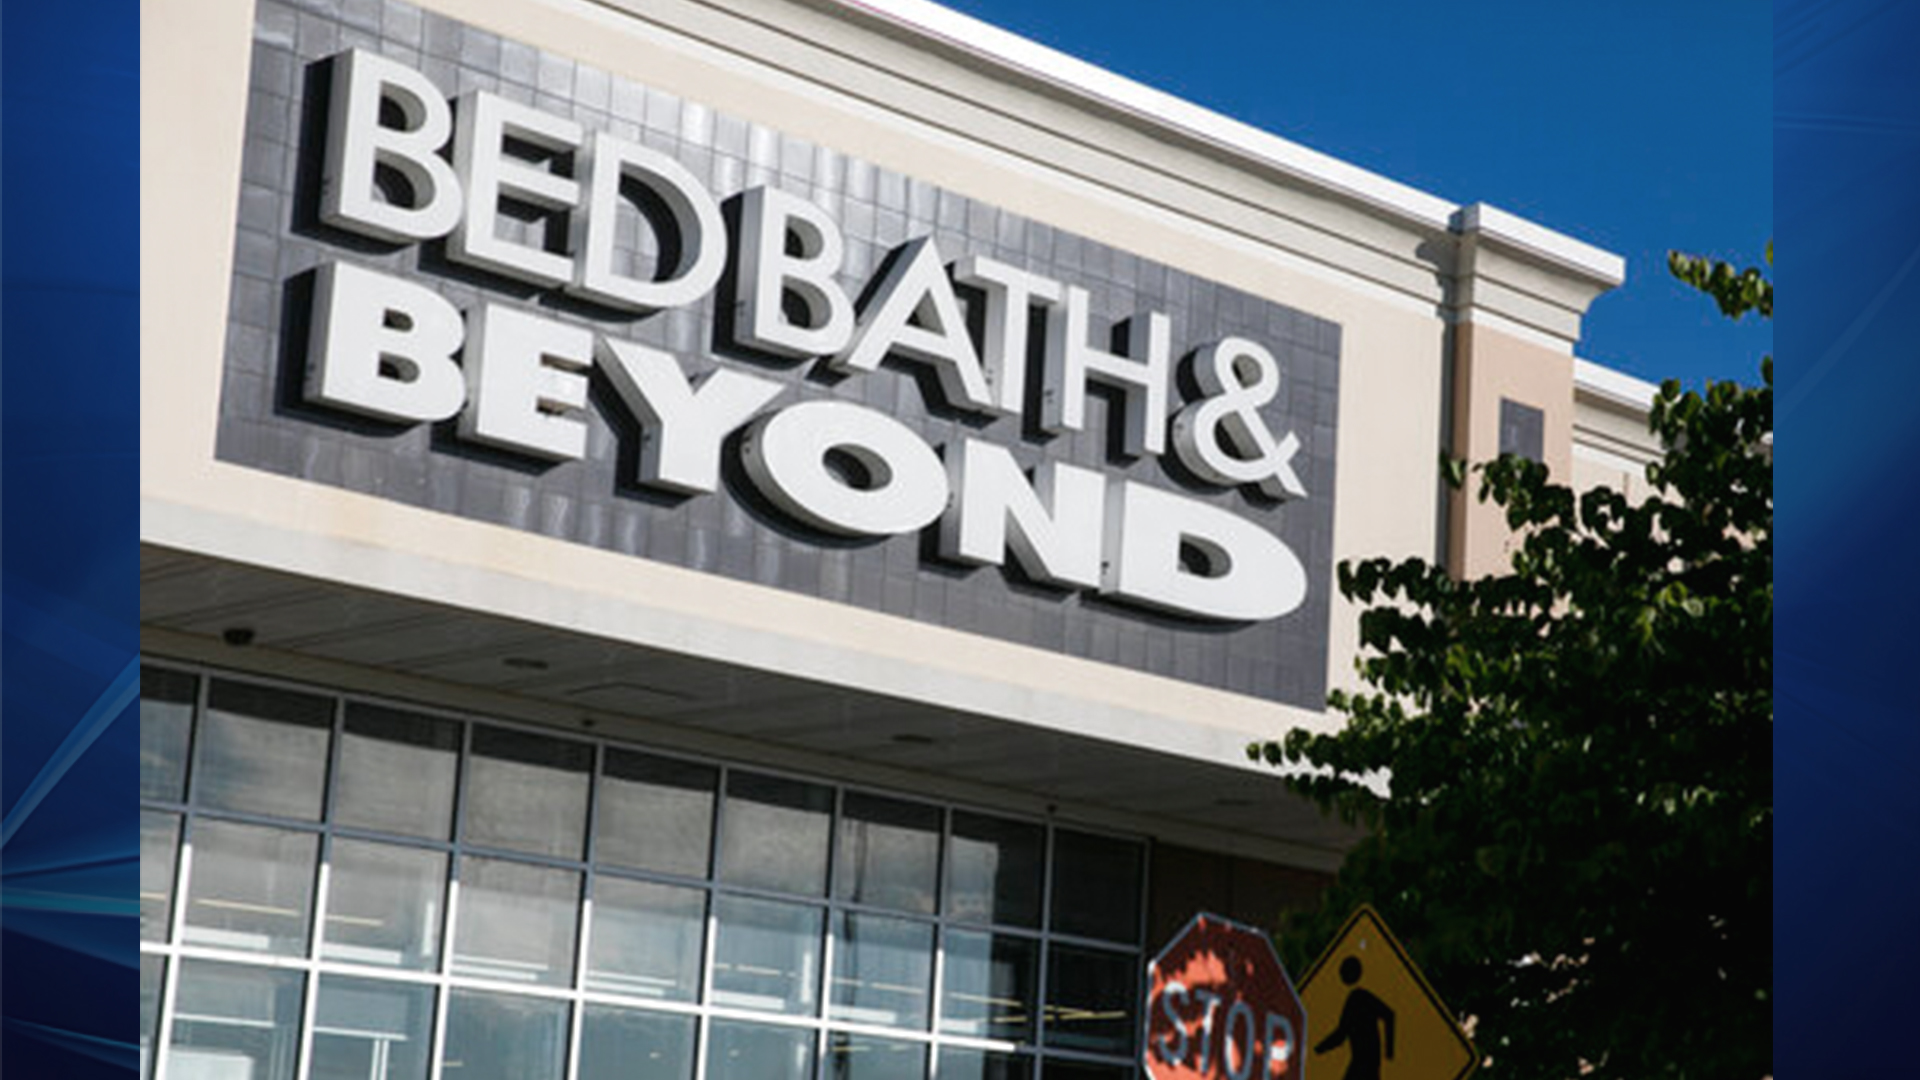 Bed Bath Beyond To Close 200 Stores Wjet Wfxp Yourerie Com